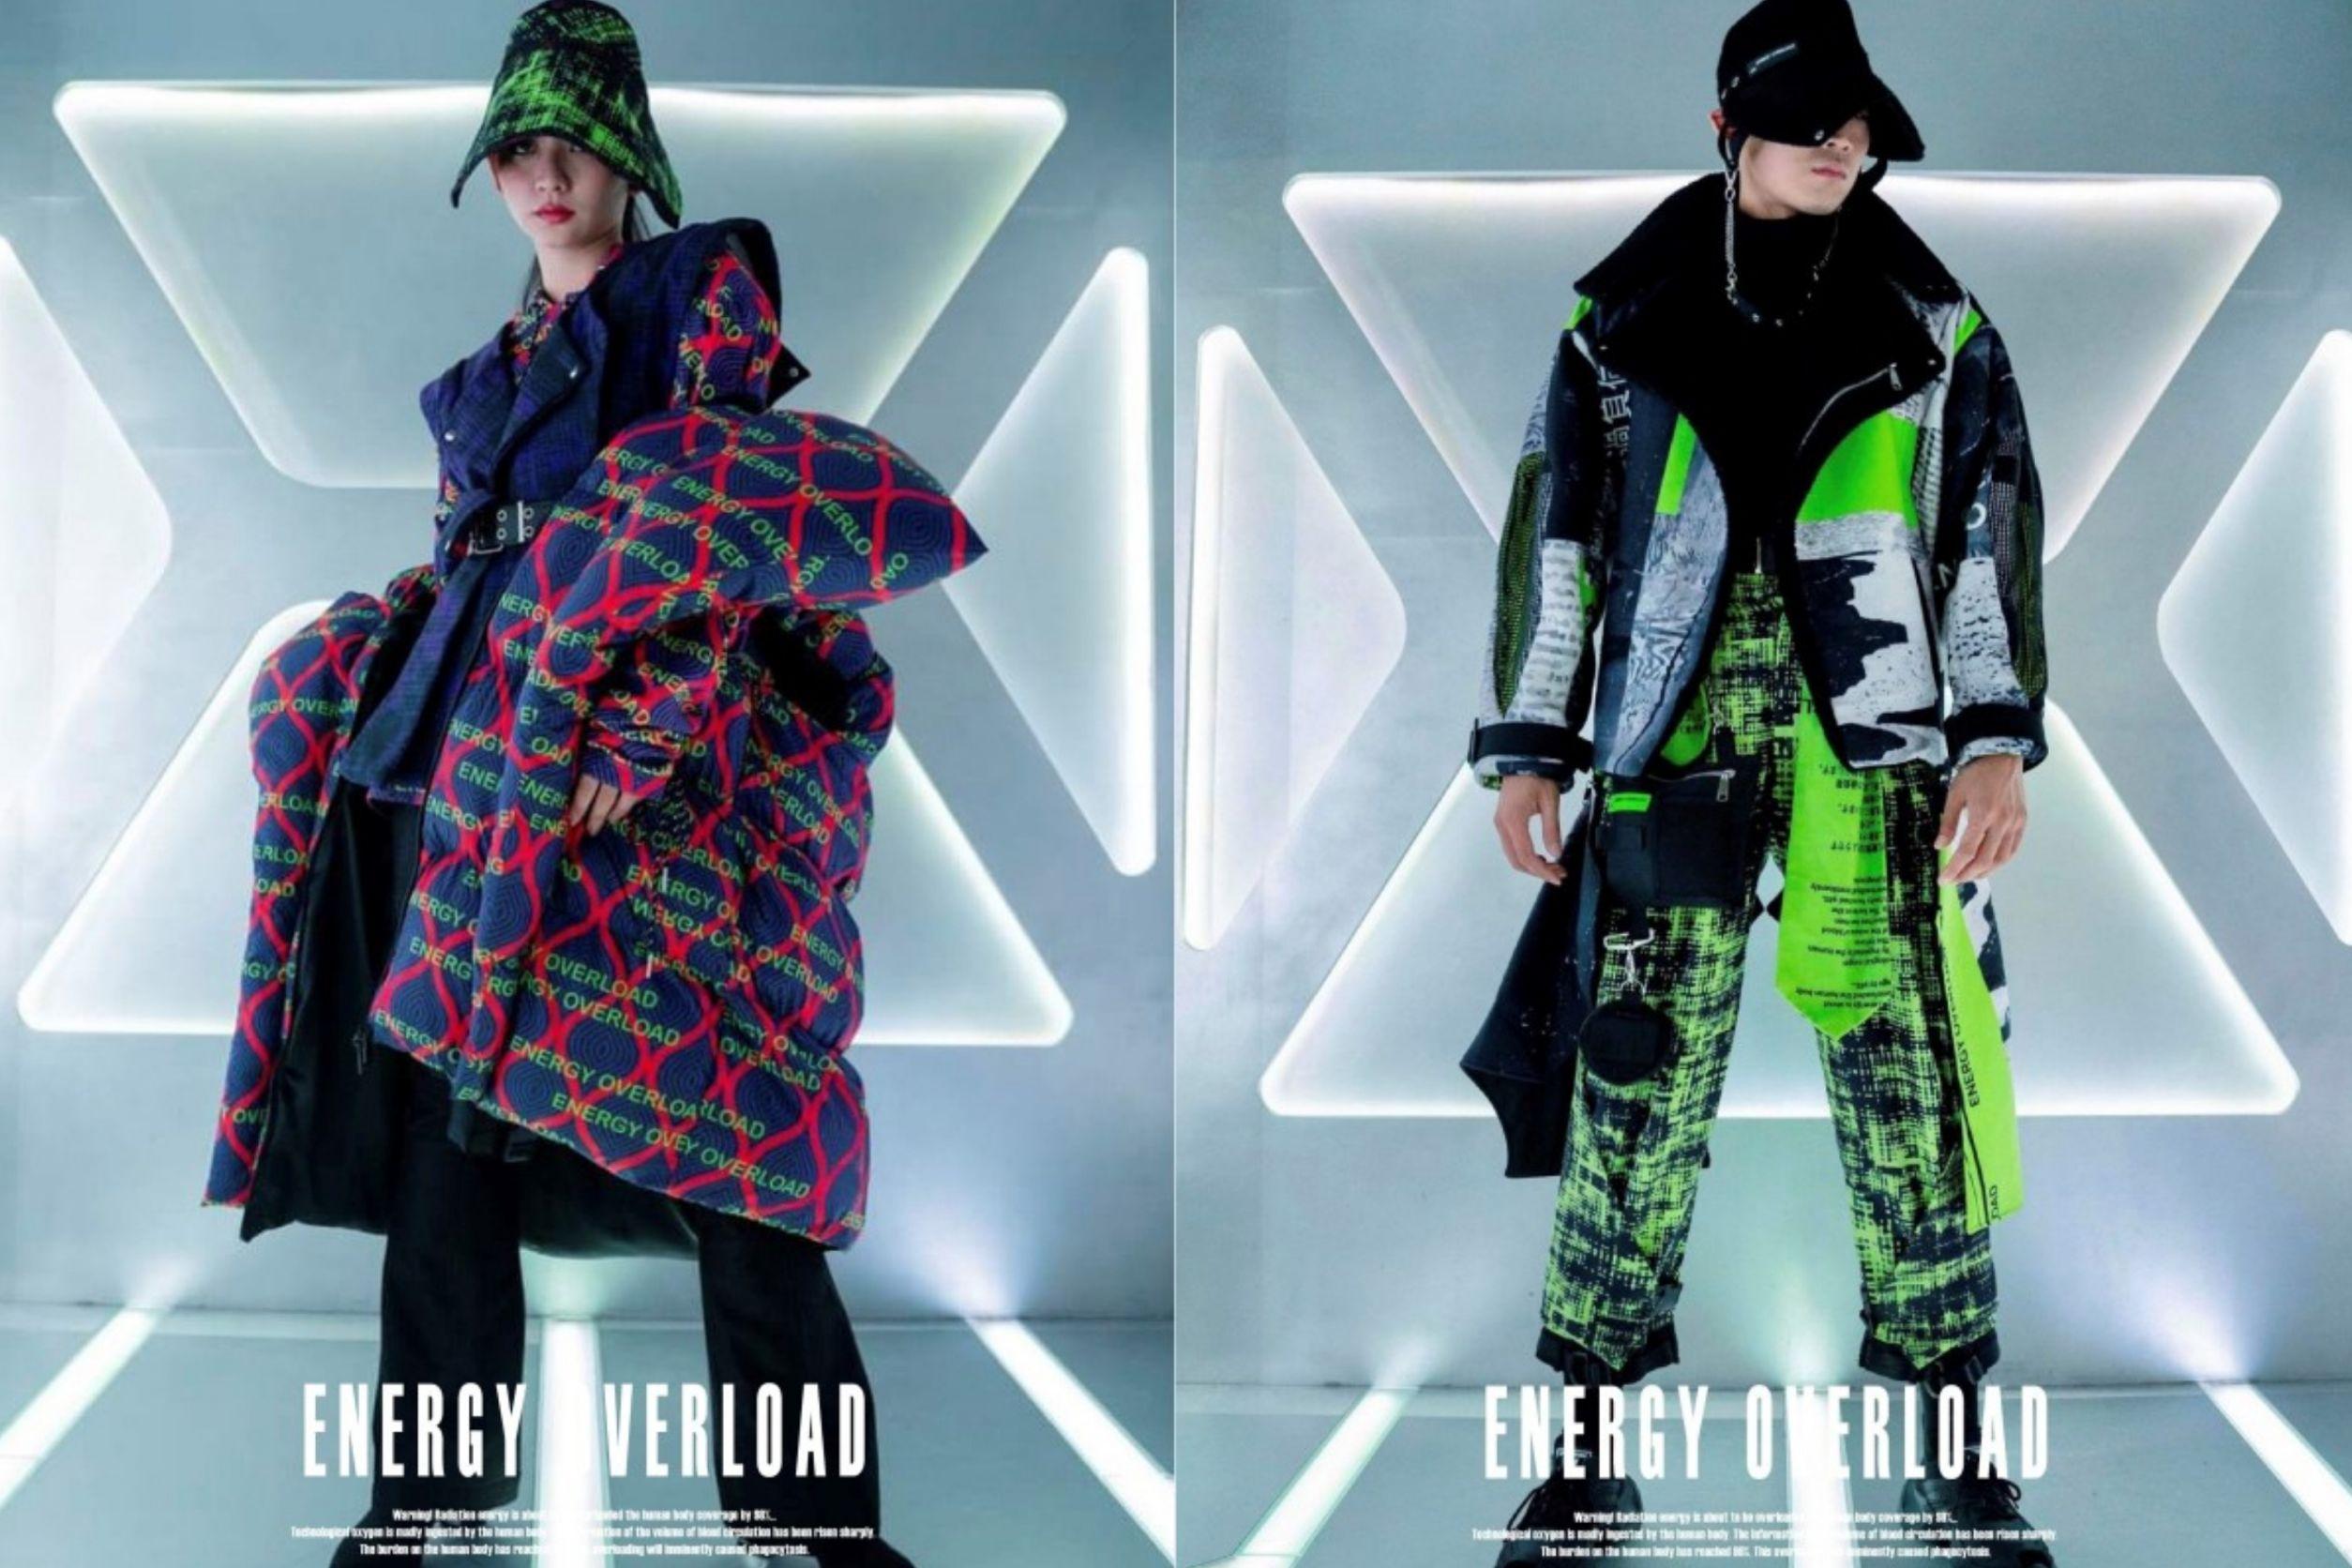 時尚設計類:「全球性警報-W」(張雅婷、王俊傑、方曉恩、謝鎧如、鄭伃庭,樹德科技大學流行設計系)